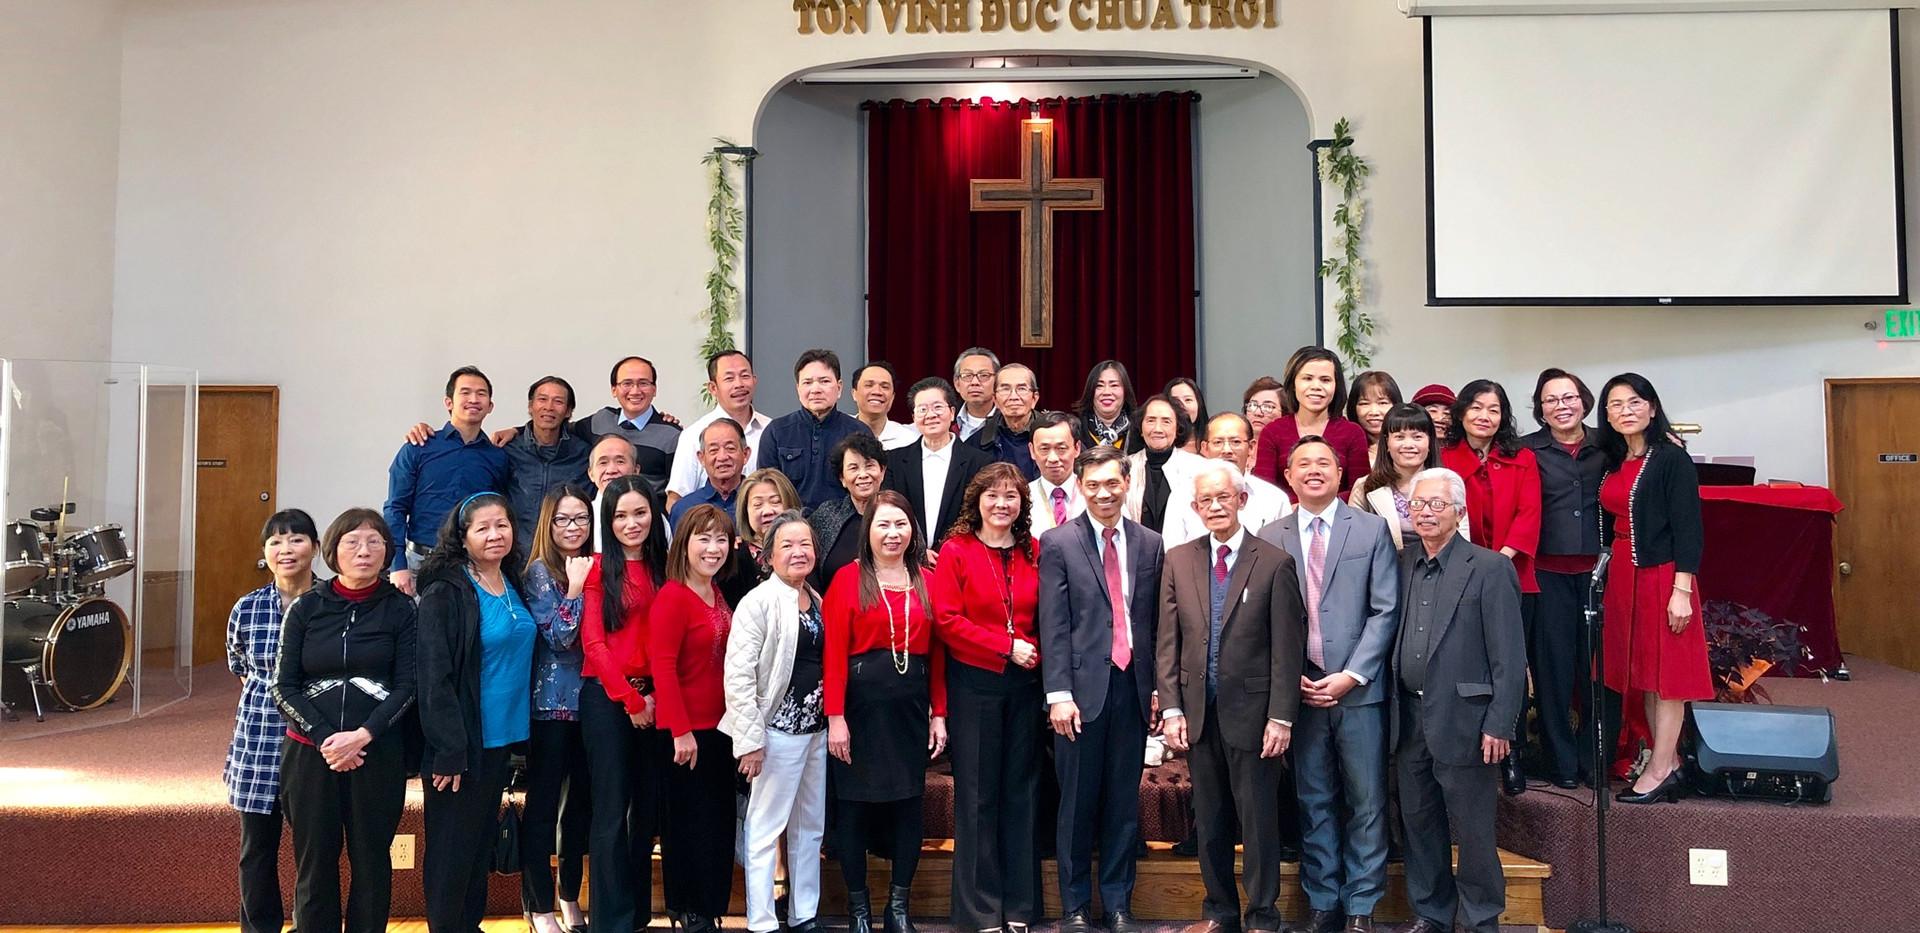 ChurchMemebersGroupPhoto.jpg